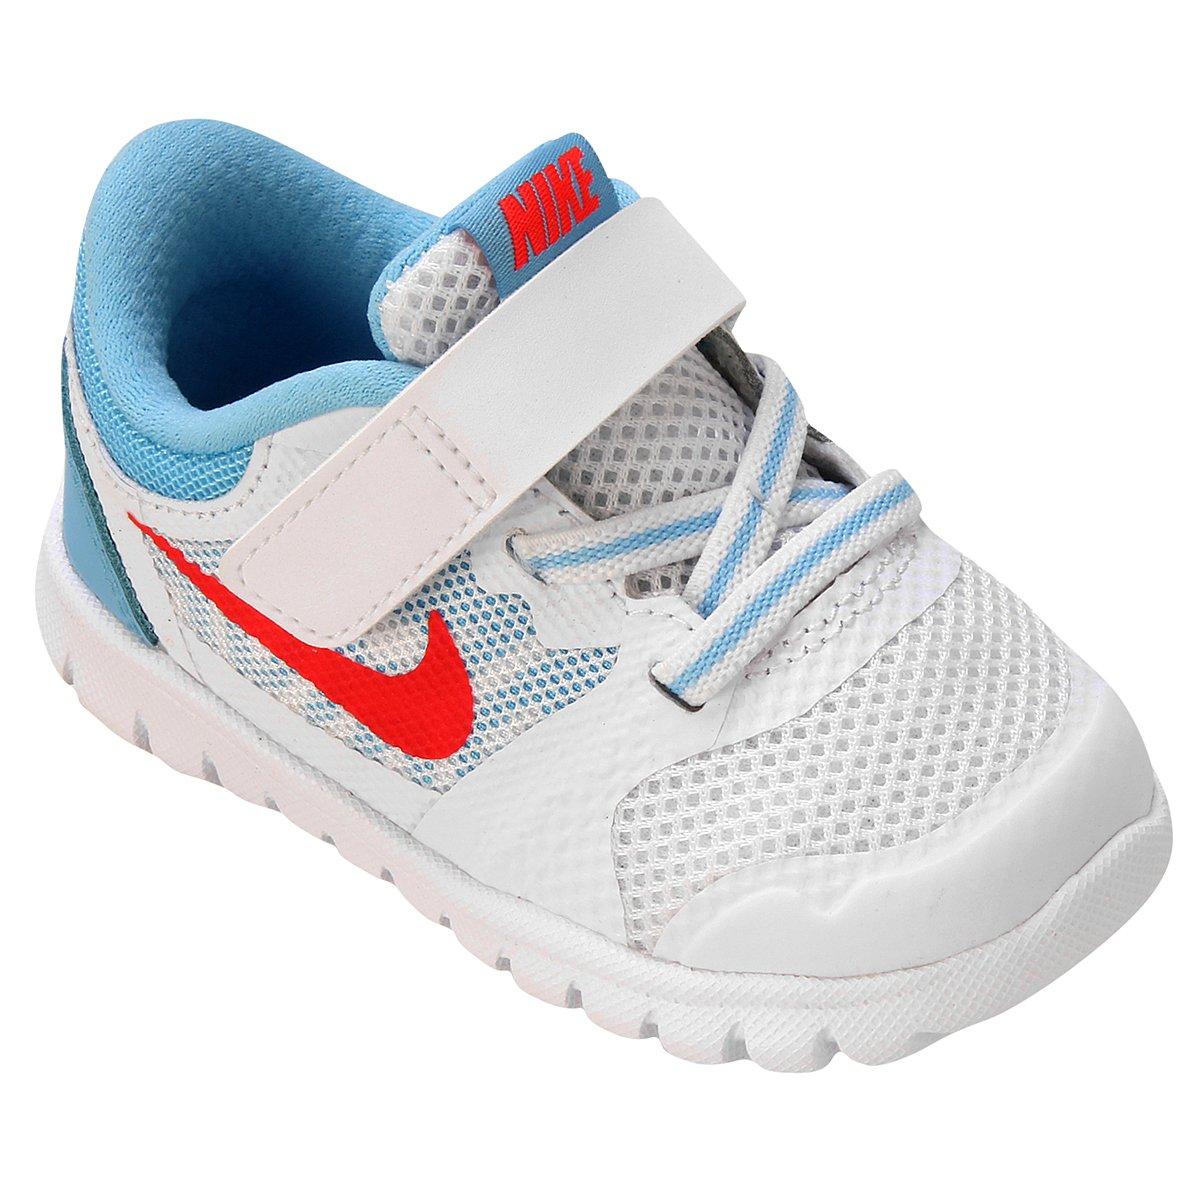 e6e4f5383ef Tênis Nike Flex 2015 RN Baby - Compre Agora